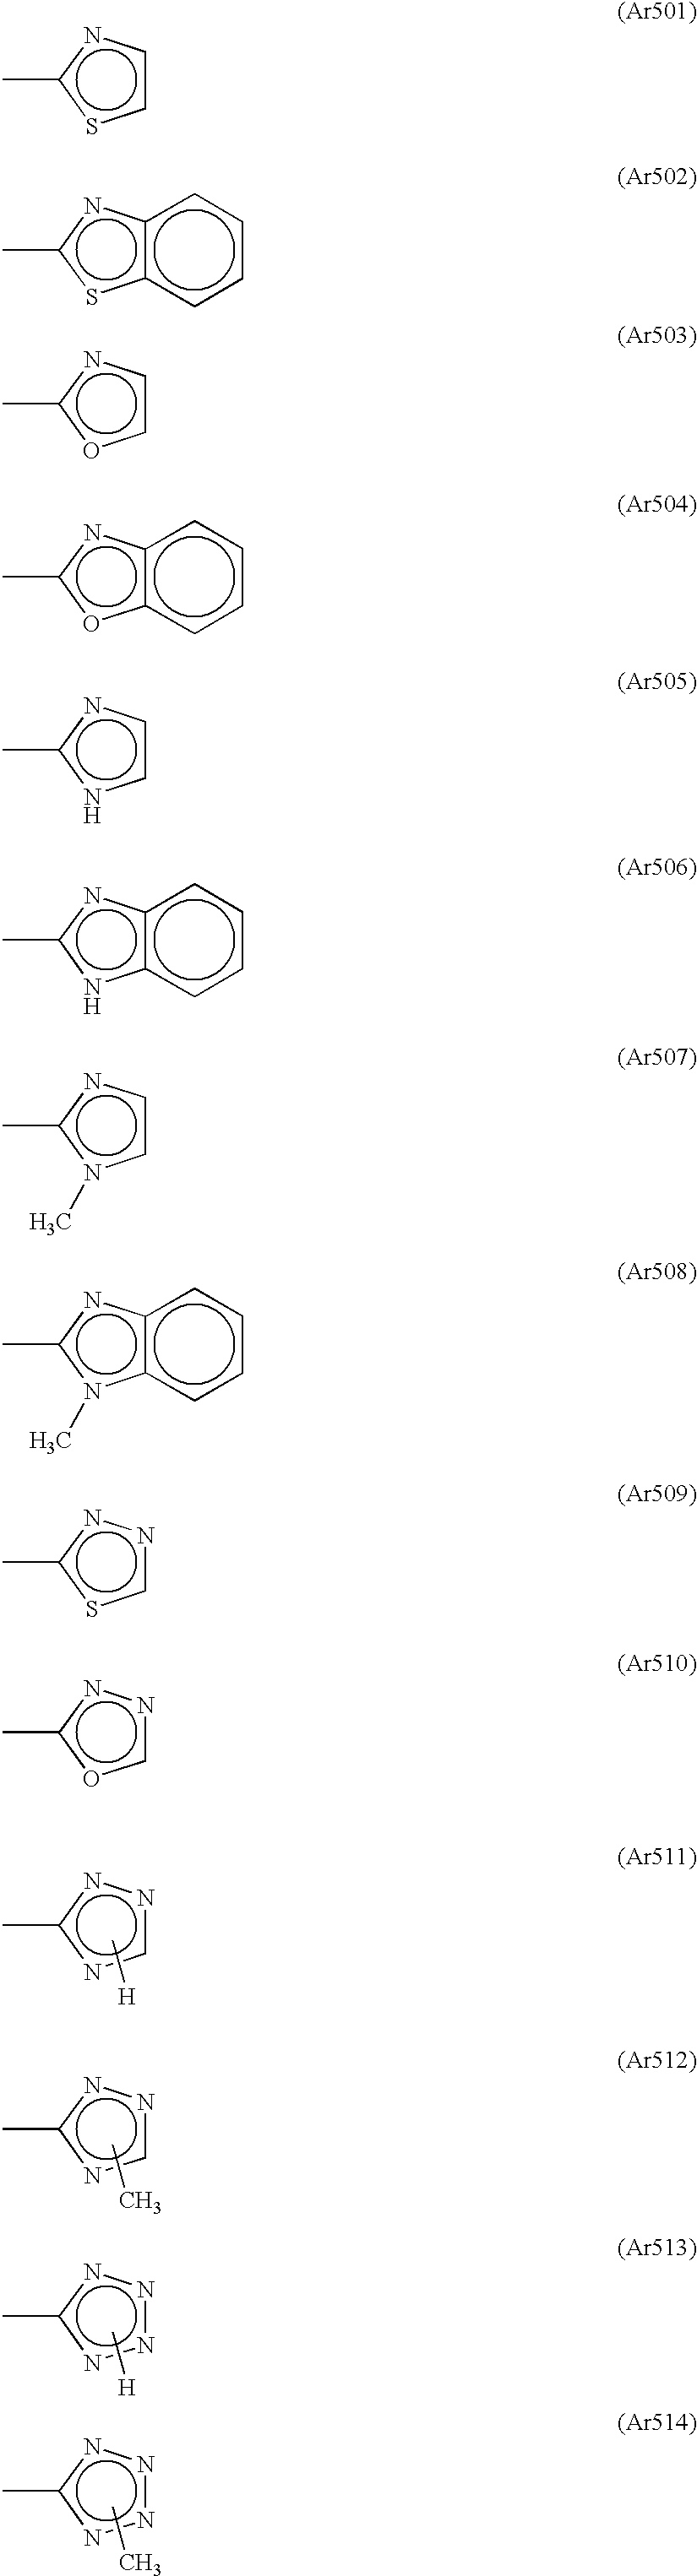 Figure US20030011725A1-20030116-C00001